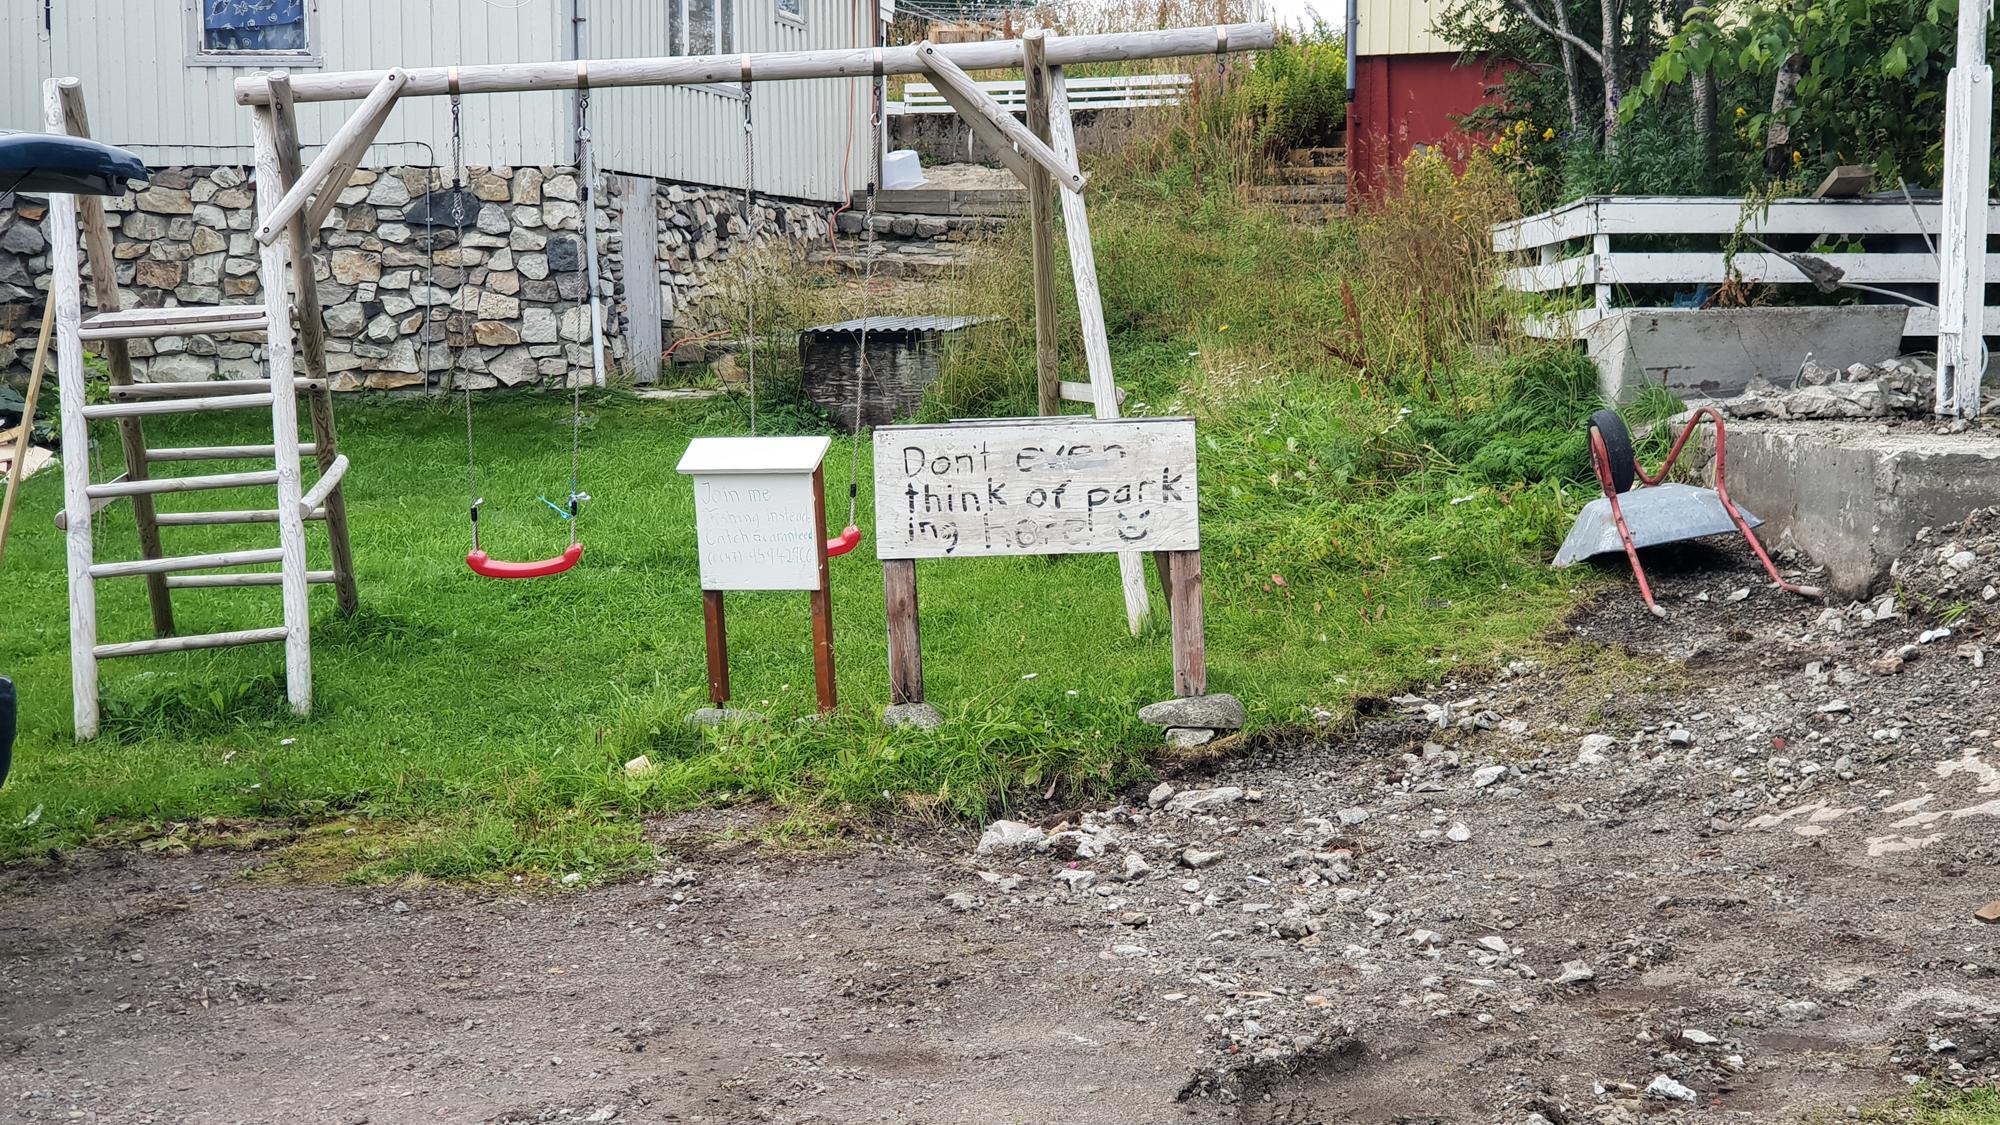 знак о парковке в Хеннингсвер